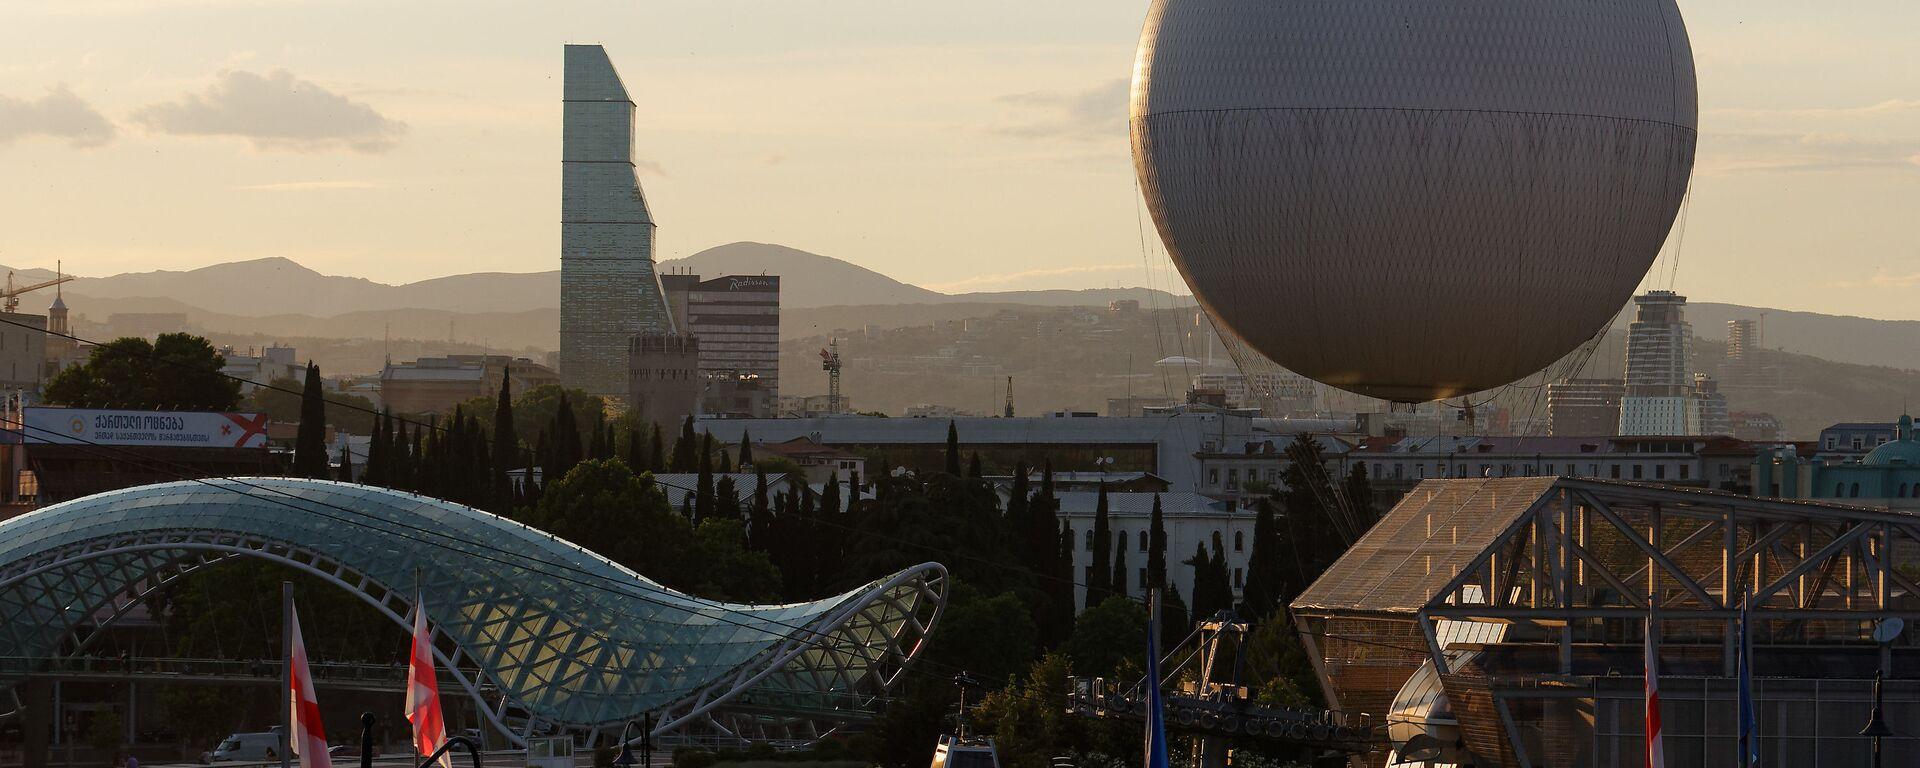 Вид на город Тбилиси - центр города, парк Рике и стеклянный мост Мира, отель Билтмор и воздушный шар - Sputnik Грузия, 1920, 01.09.2021